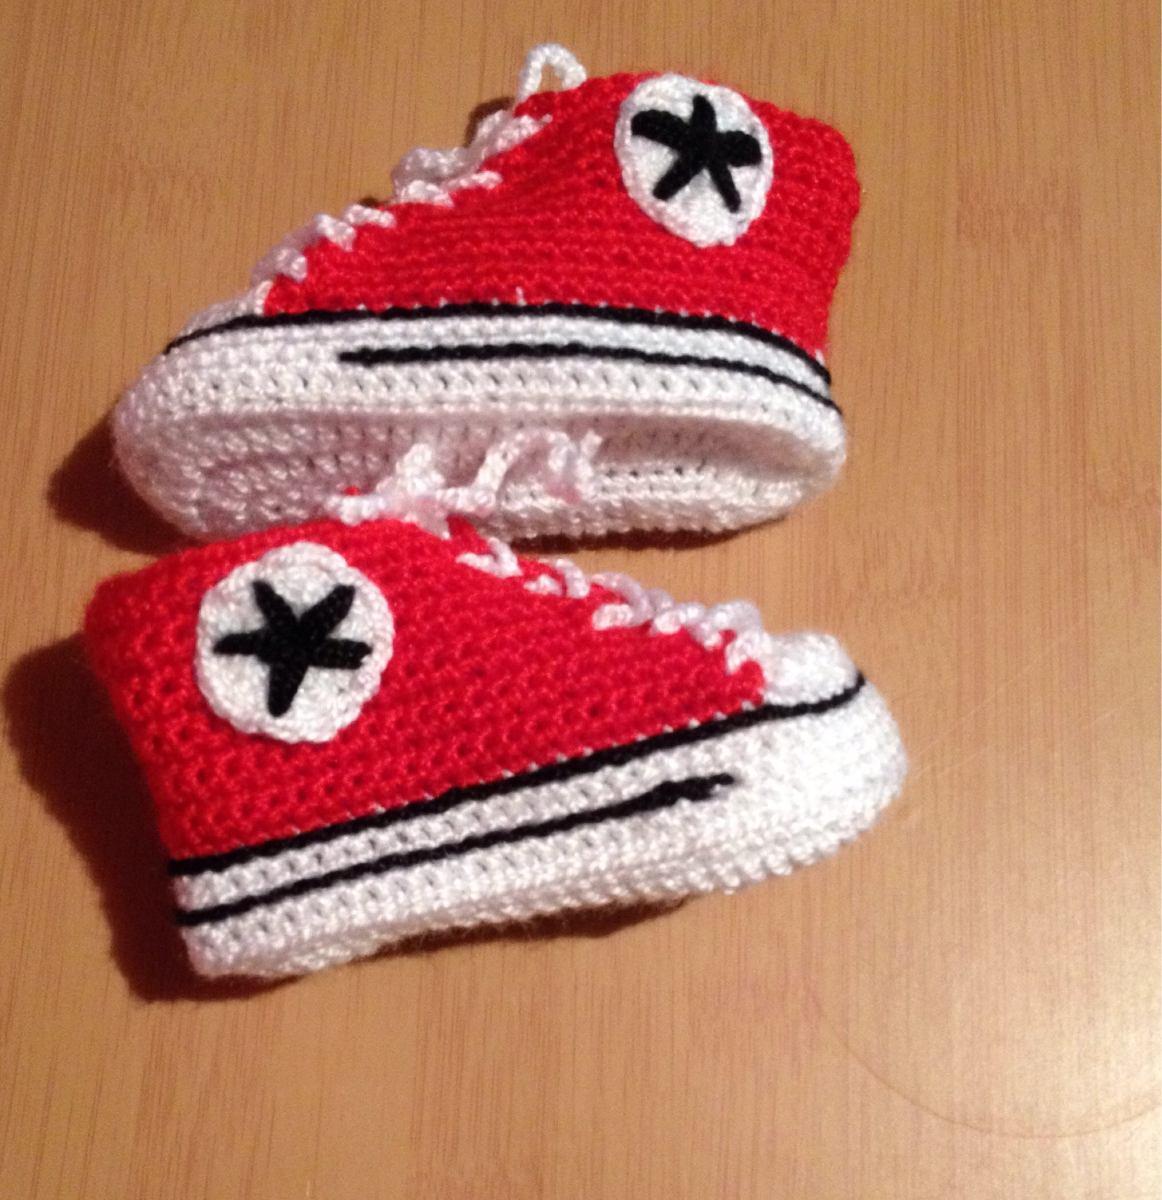 Zapatos para bebs en mercado libre chile zapatitos de bebe a crochet a pedido thecheapjerseys Choice Image